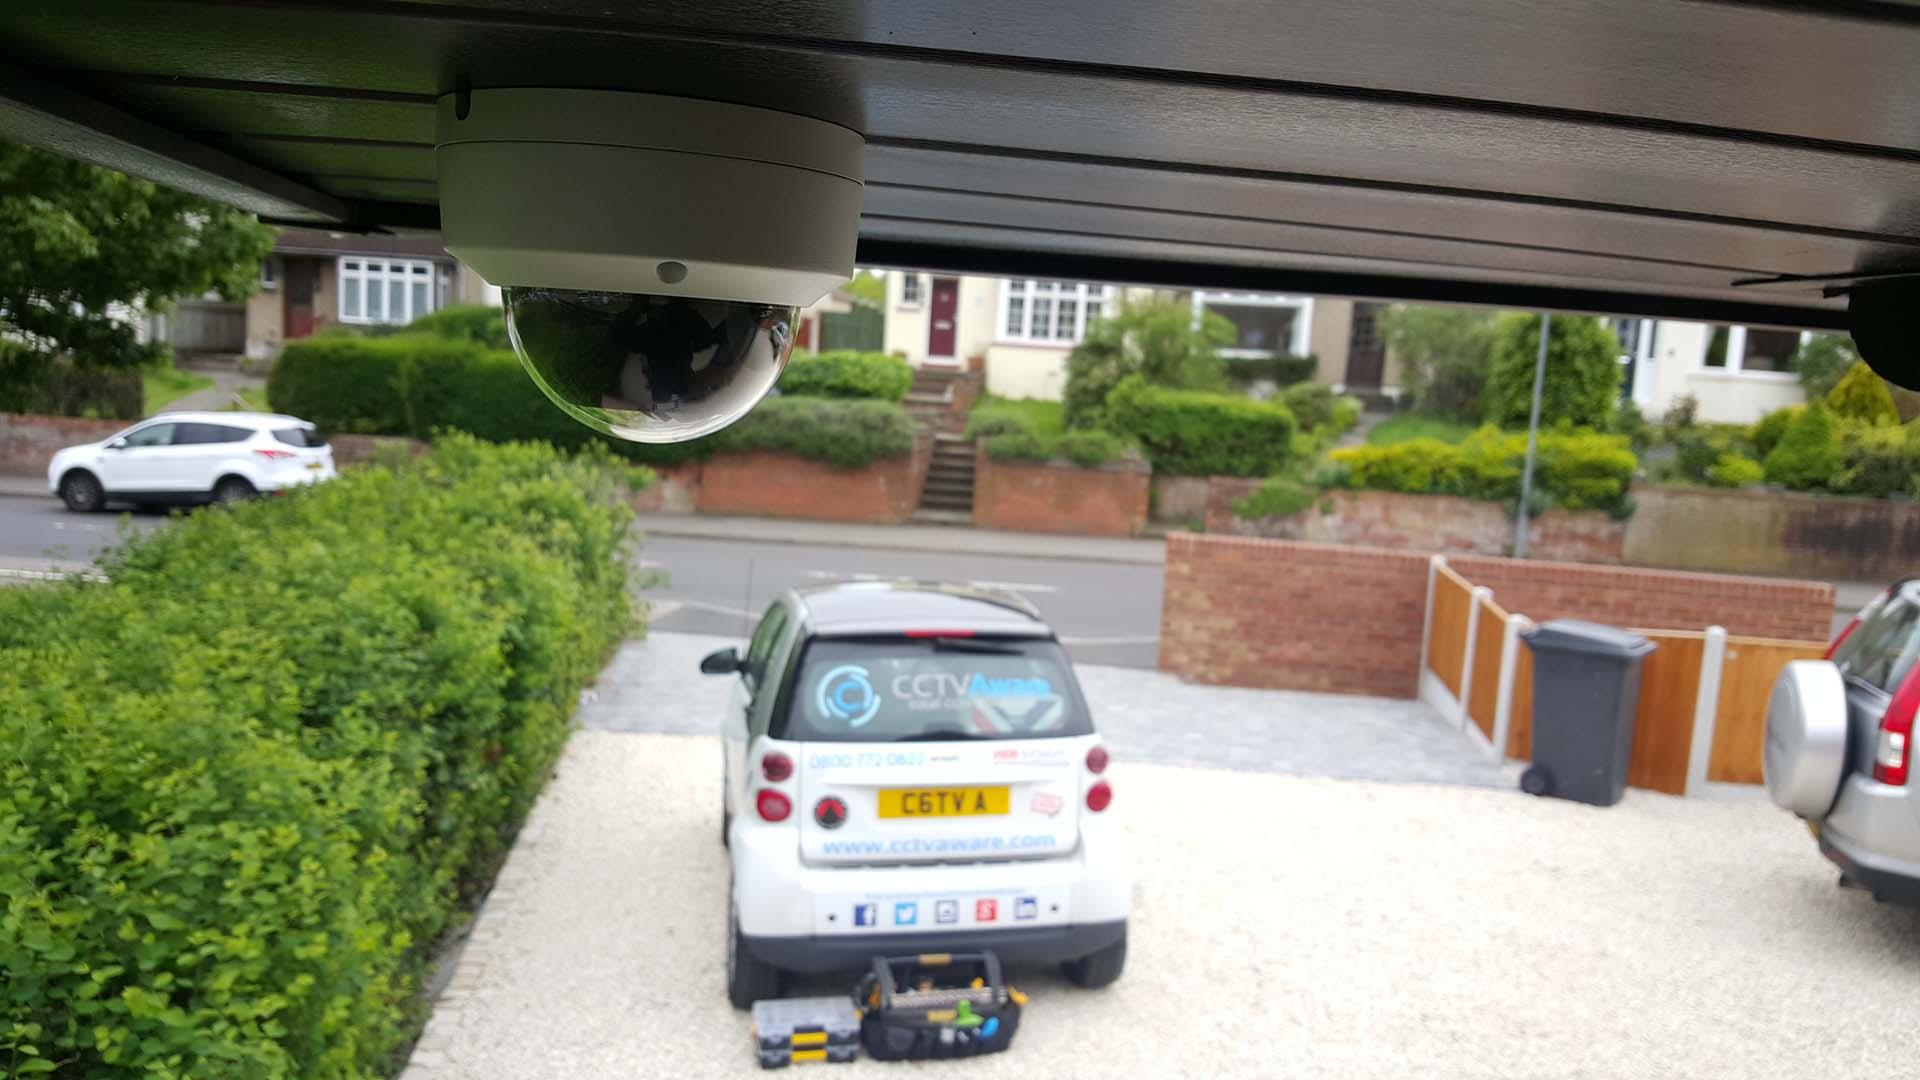 CCTV Installation in Chelmsford